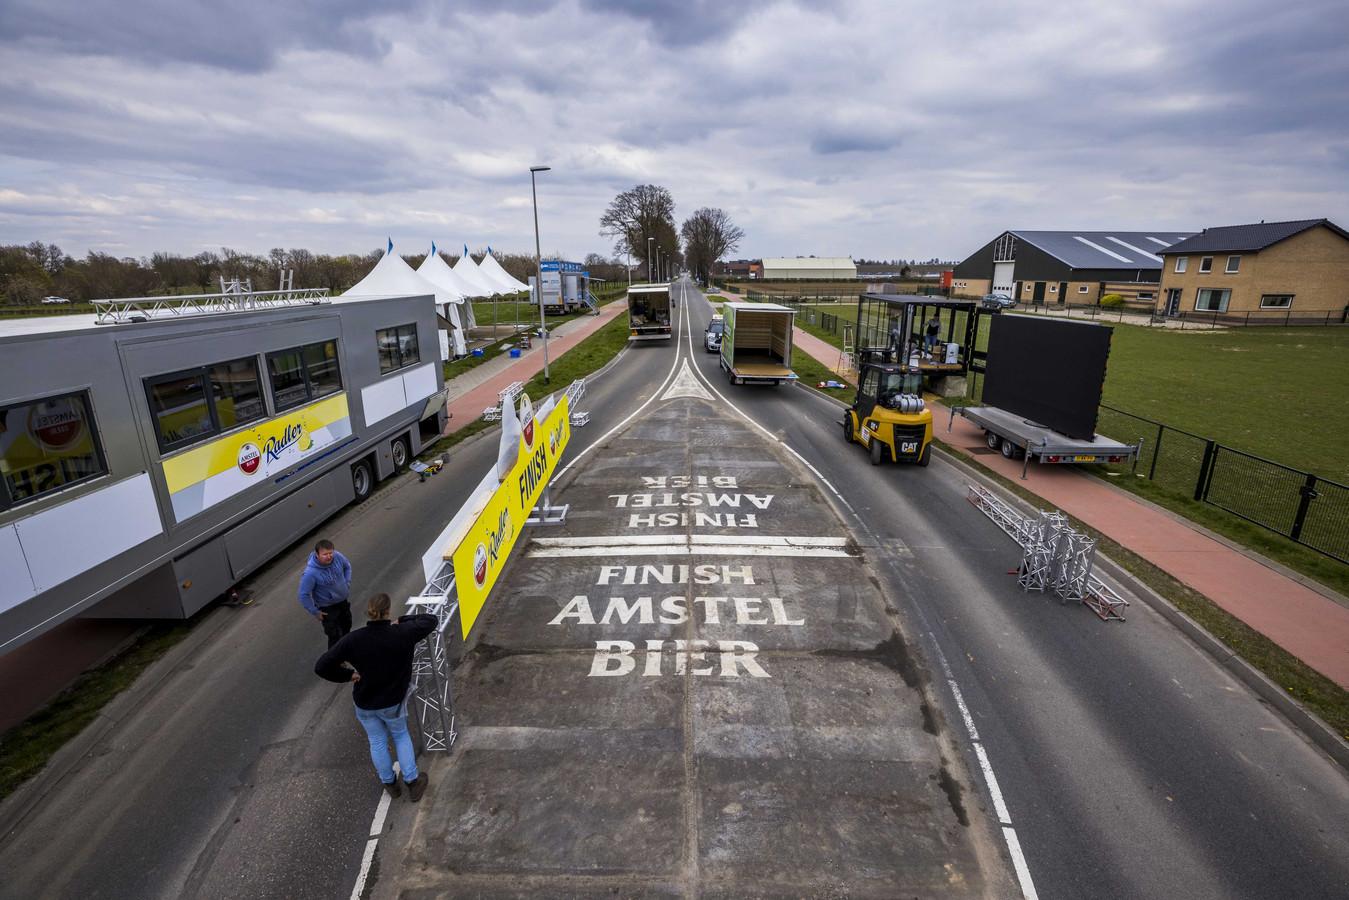 Opbouw van de finishpassage van de Amstel Gol Race.